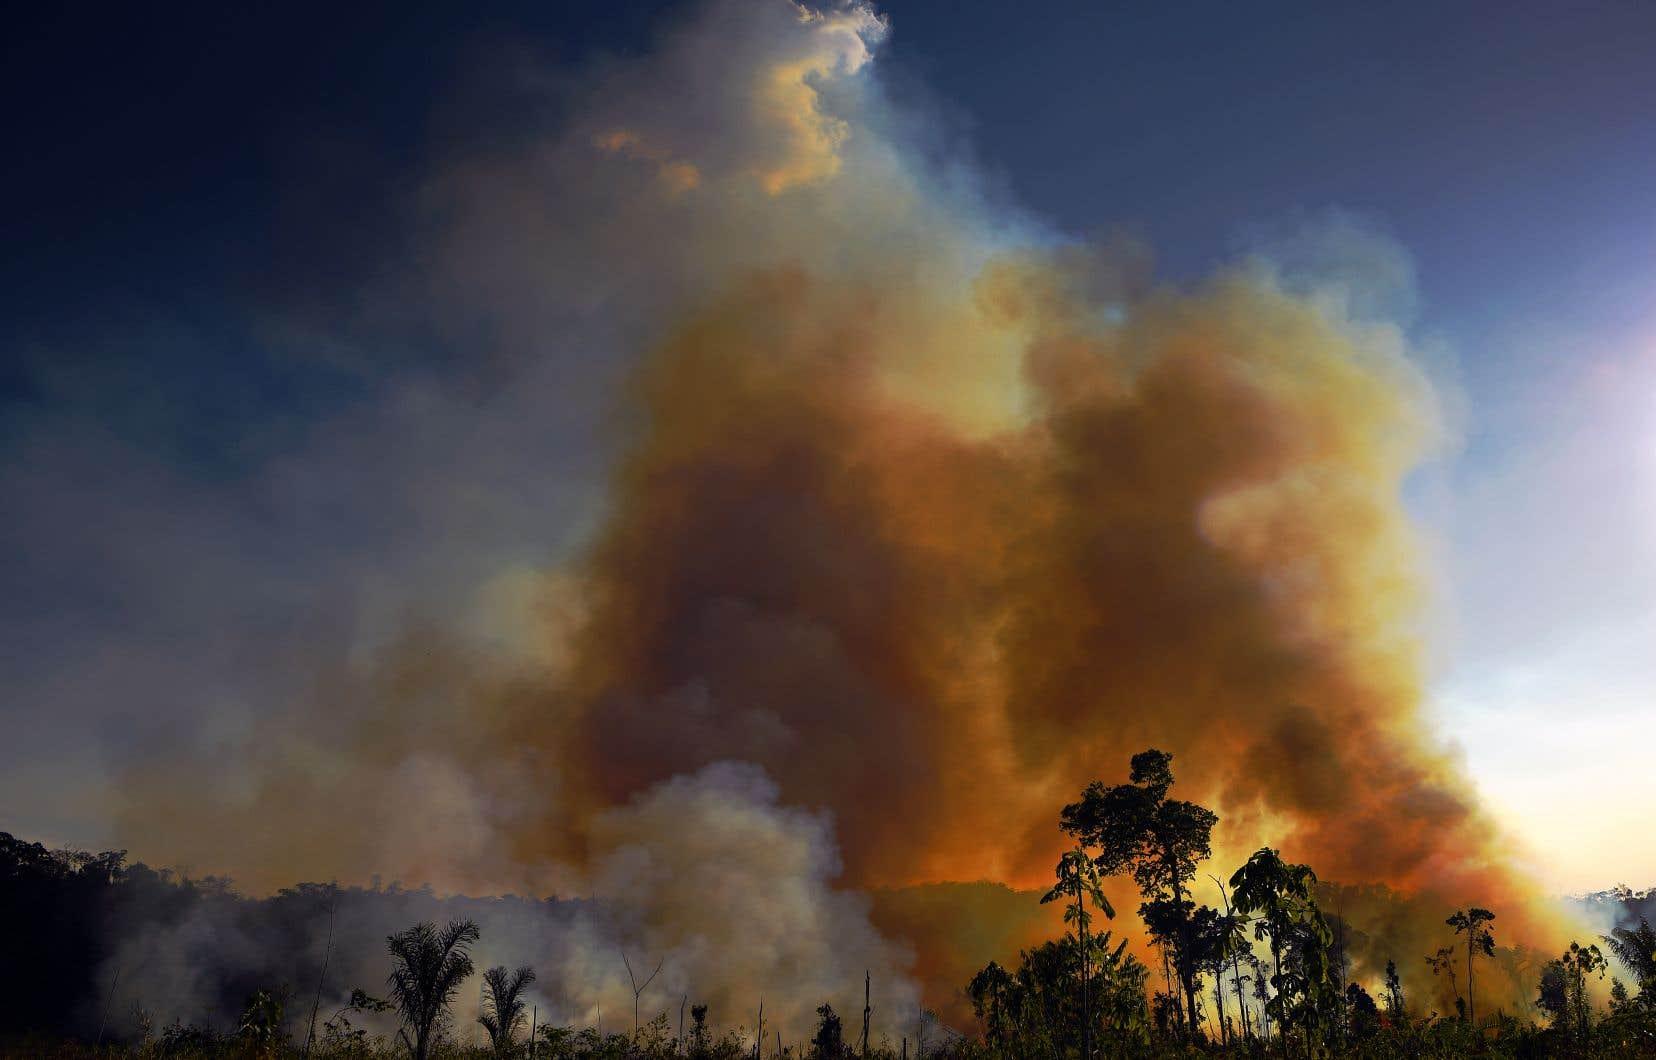 Les ranchs de bétail sont responsables d'une grande partie de la destruction de la forêt amazonienne, que l'on défriche pour faire place à plus de pâturages. De nombreux incendies auraient été provoqués illégalement par des éleveurs pour avoir accès à encore plus de terres.